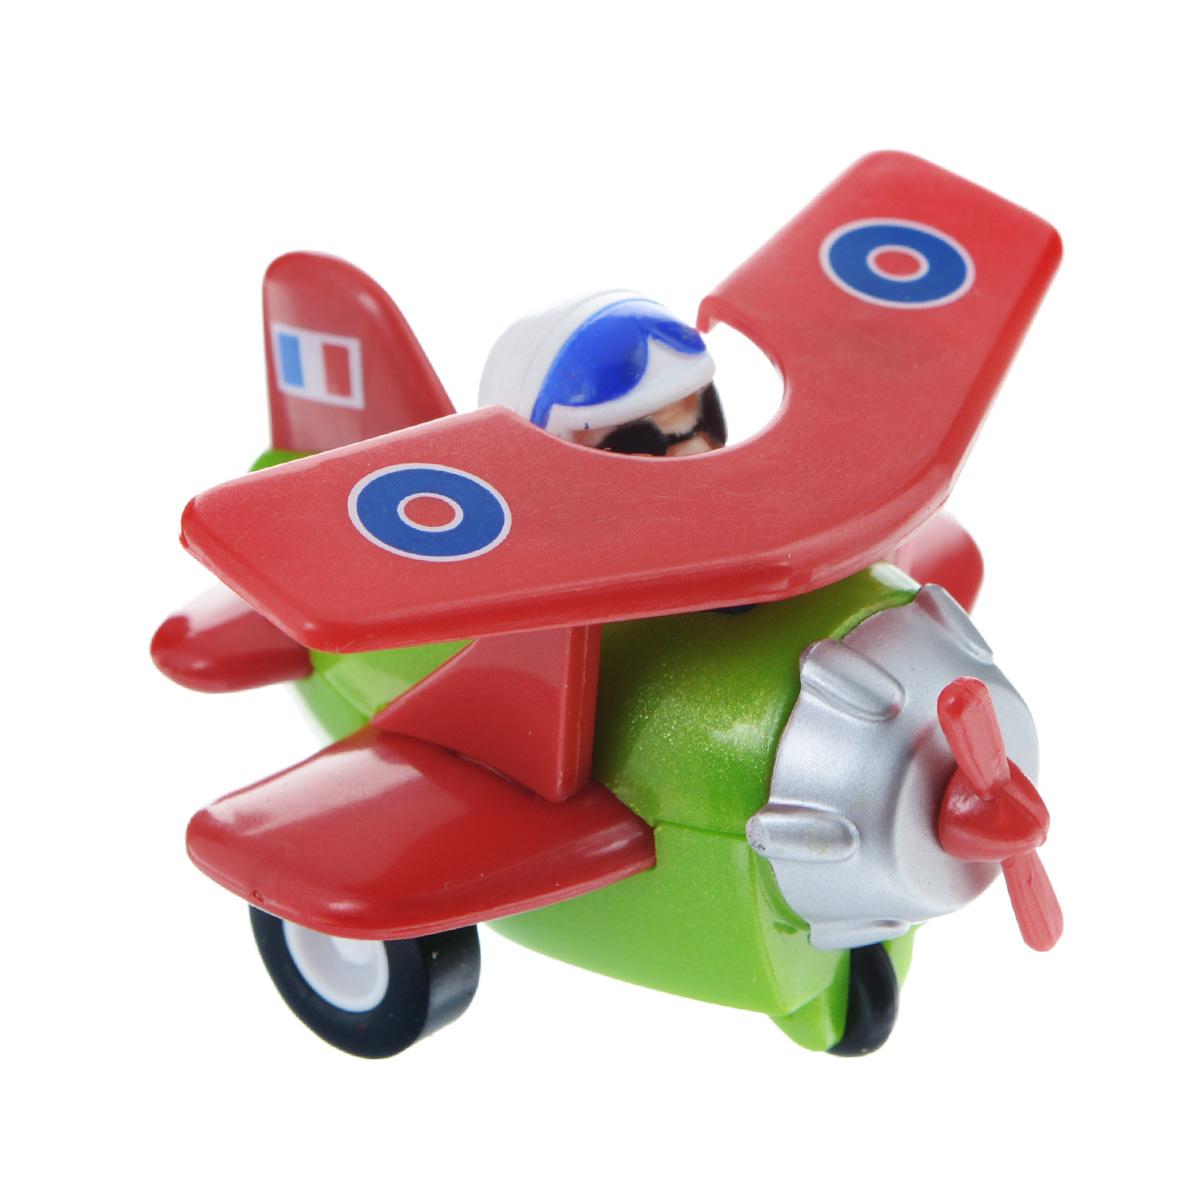 Hans Самолет инерционный цвет красный зеленый